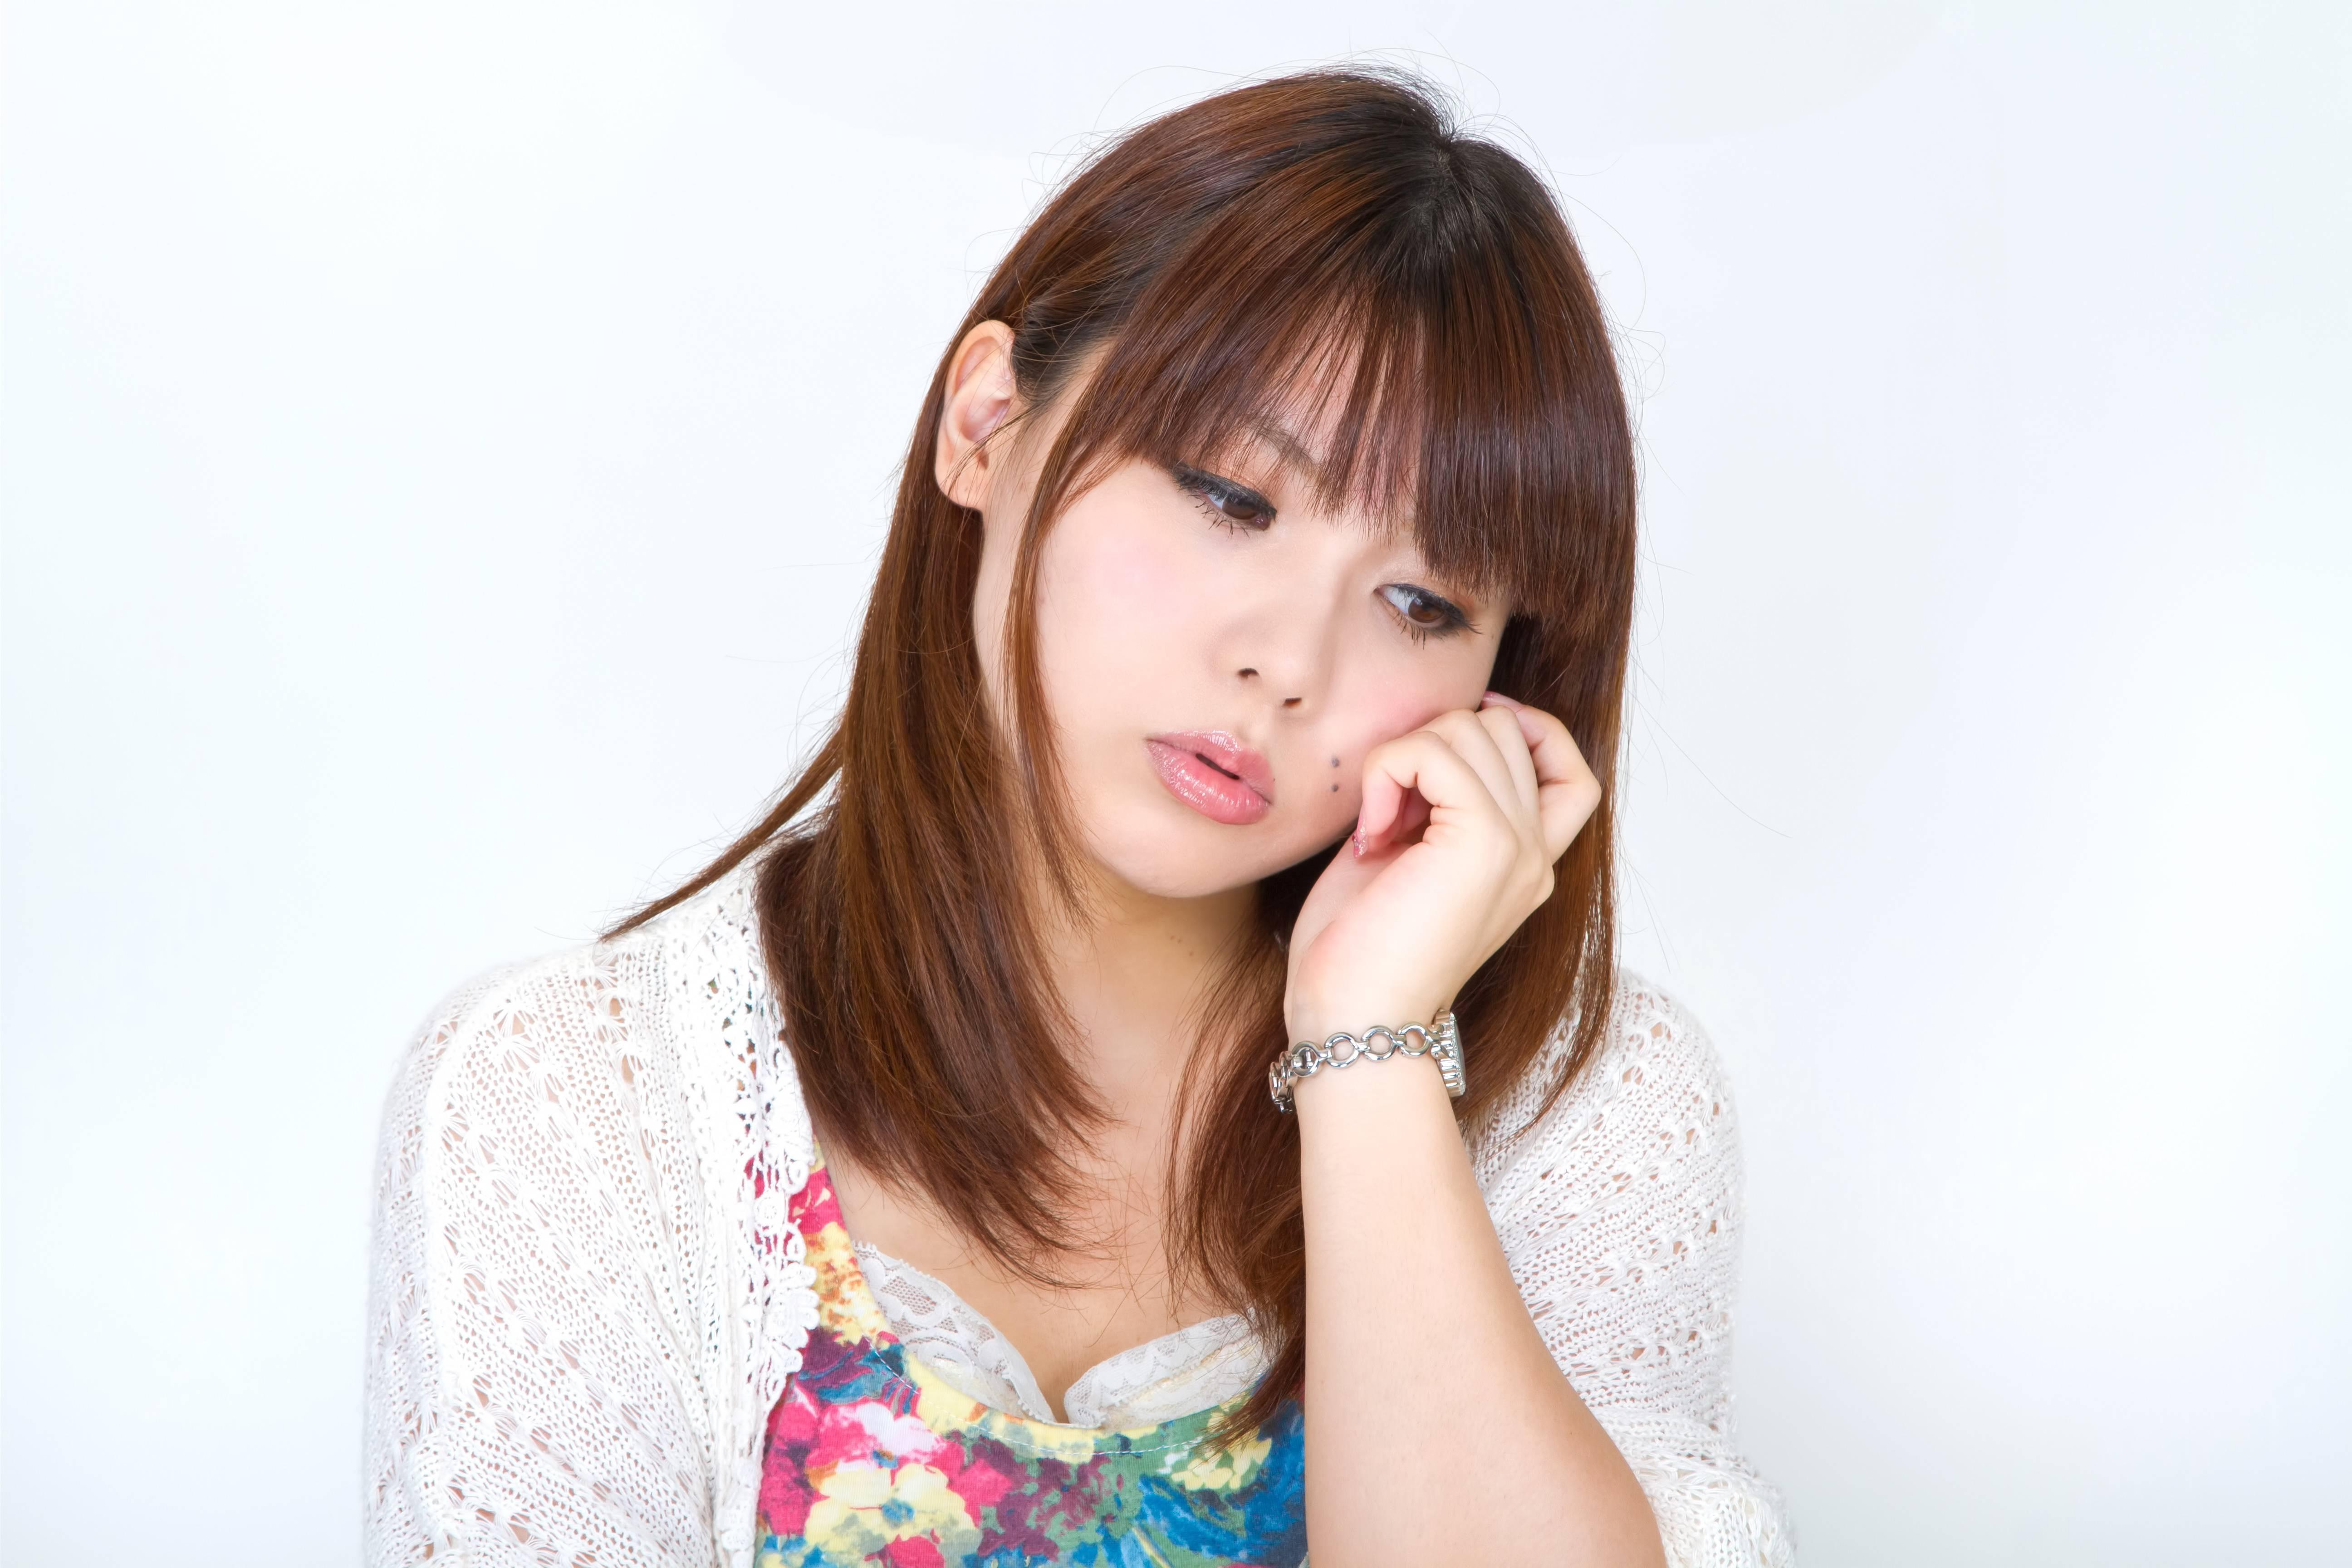 『ネット予約』豊田市の歯医者さん!おすすめポイントを掲載【9院】